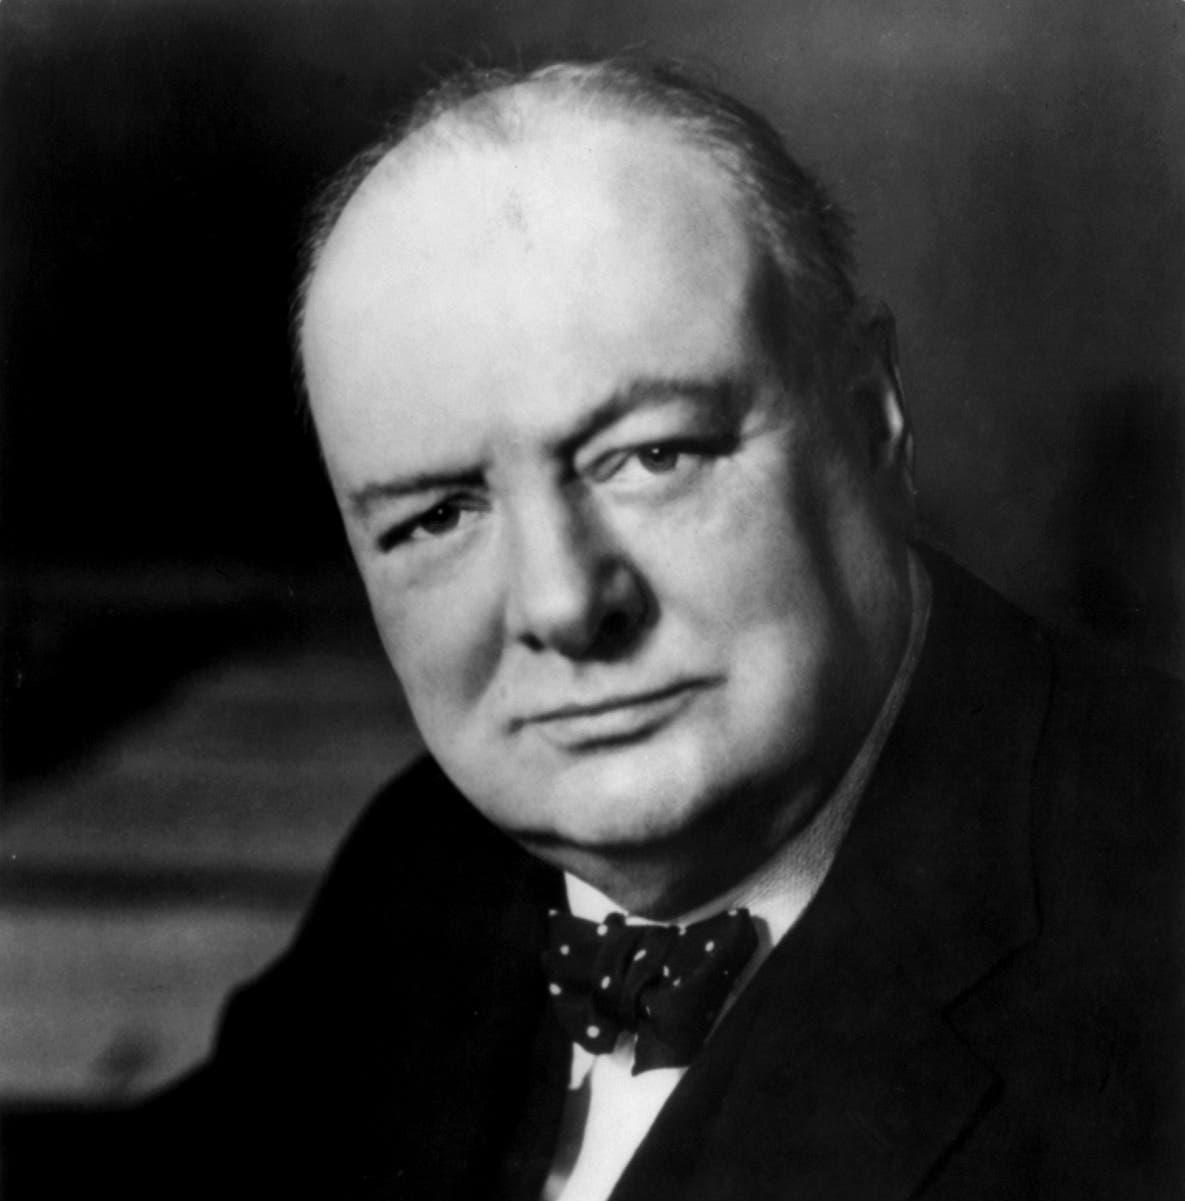 Objetos personales de Churchill rompen las expectativas en una subasta